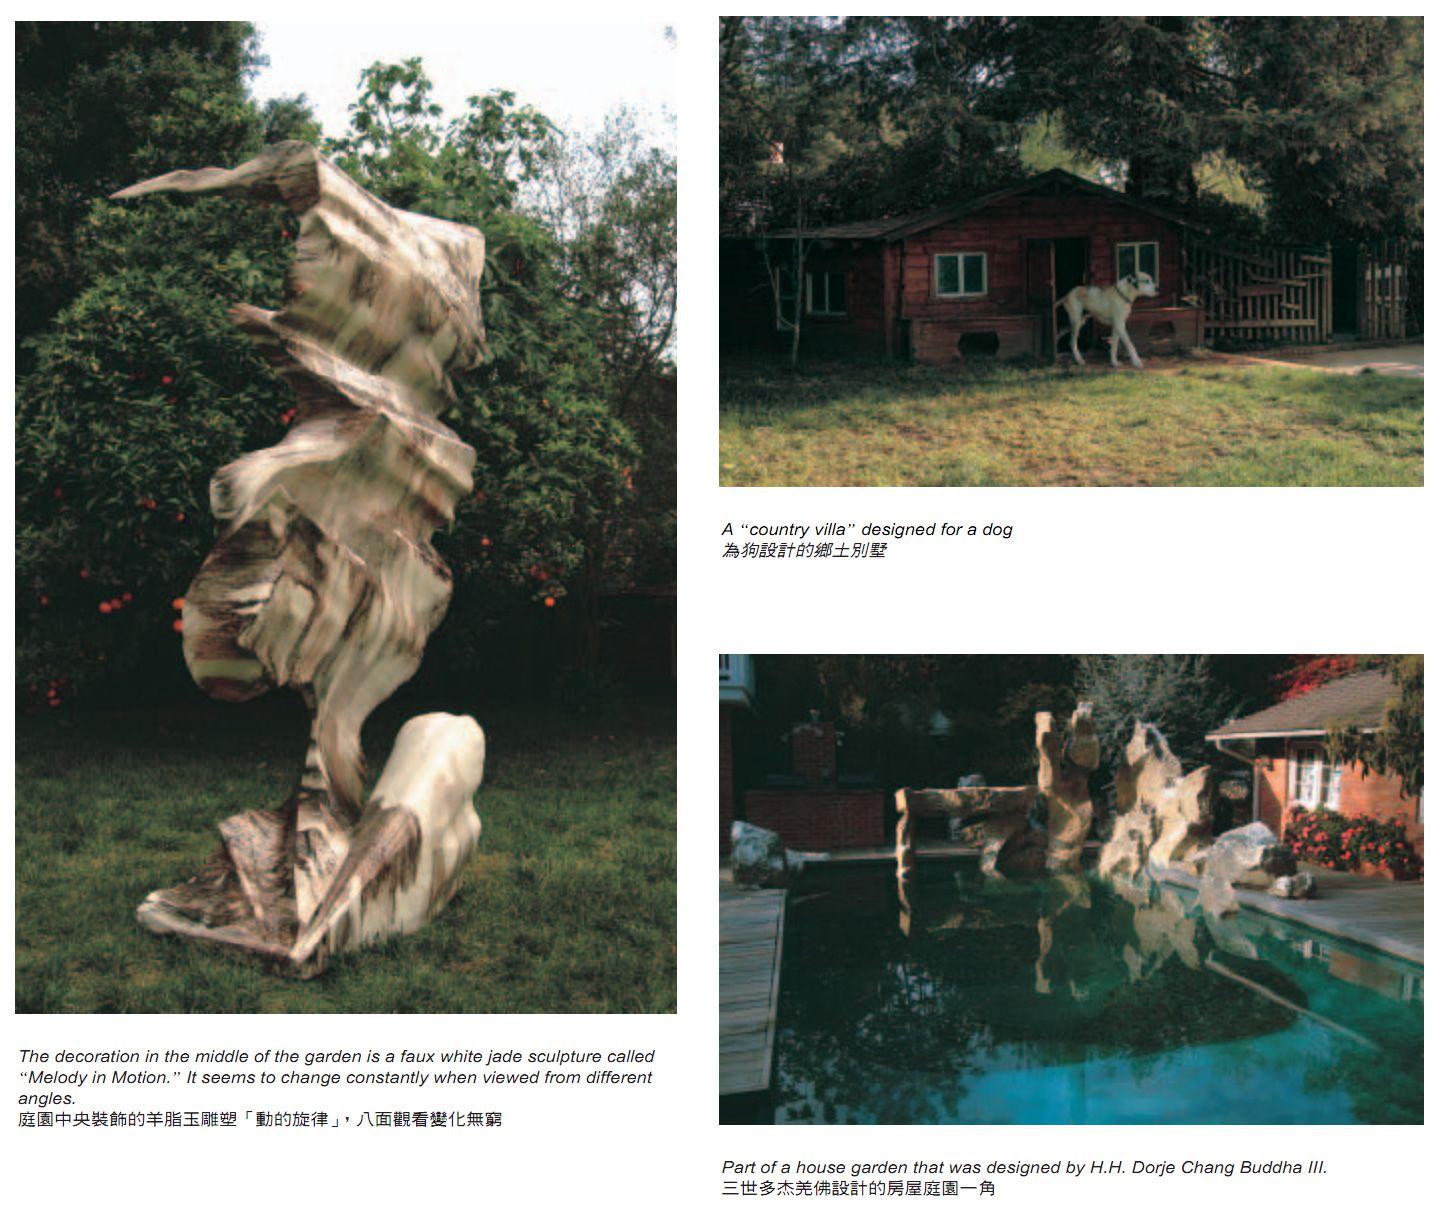 《多杰羌佛第三世》-建築庭園風景(439-442頁)